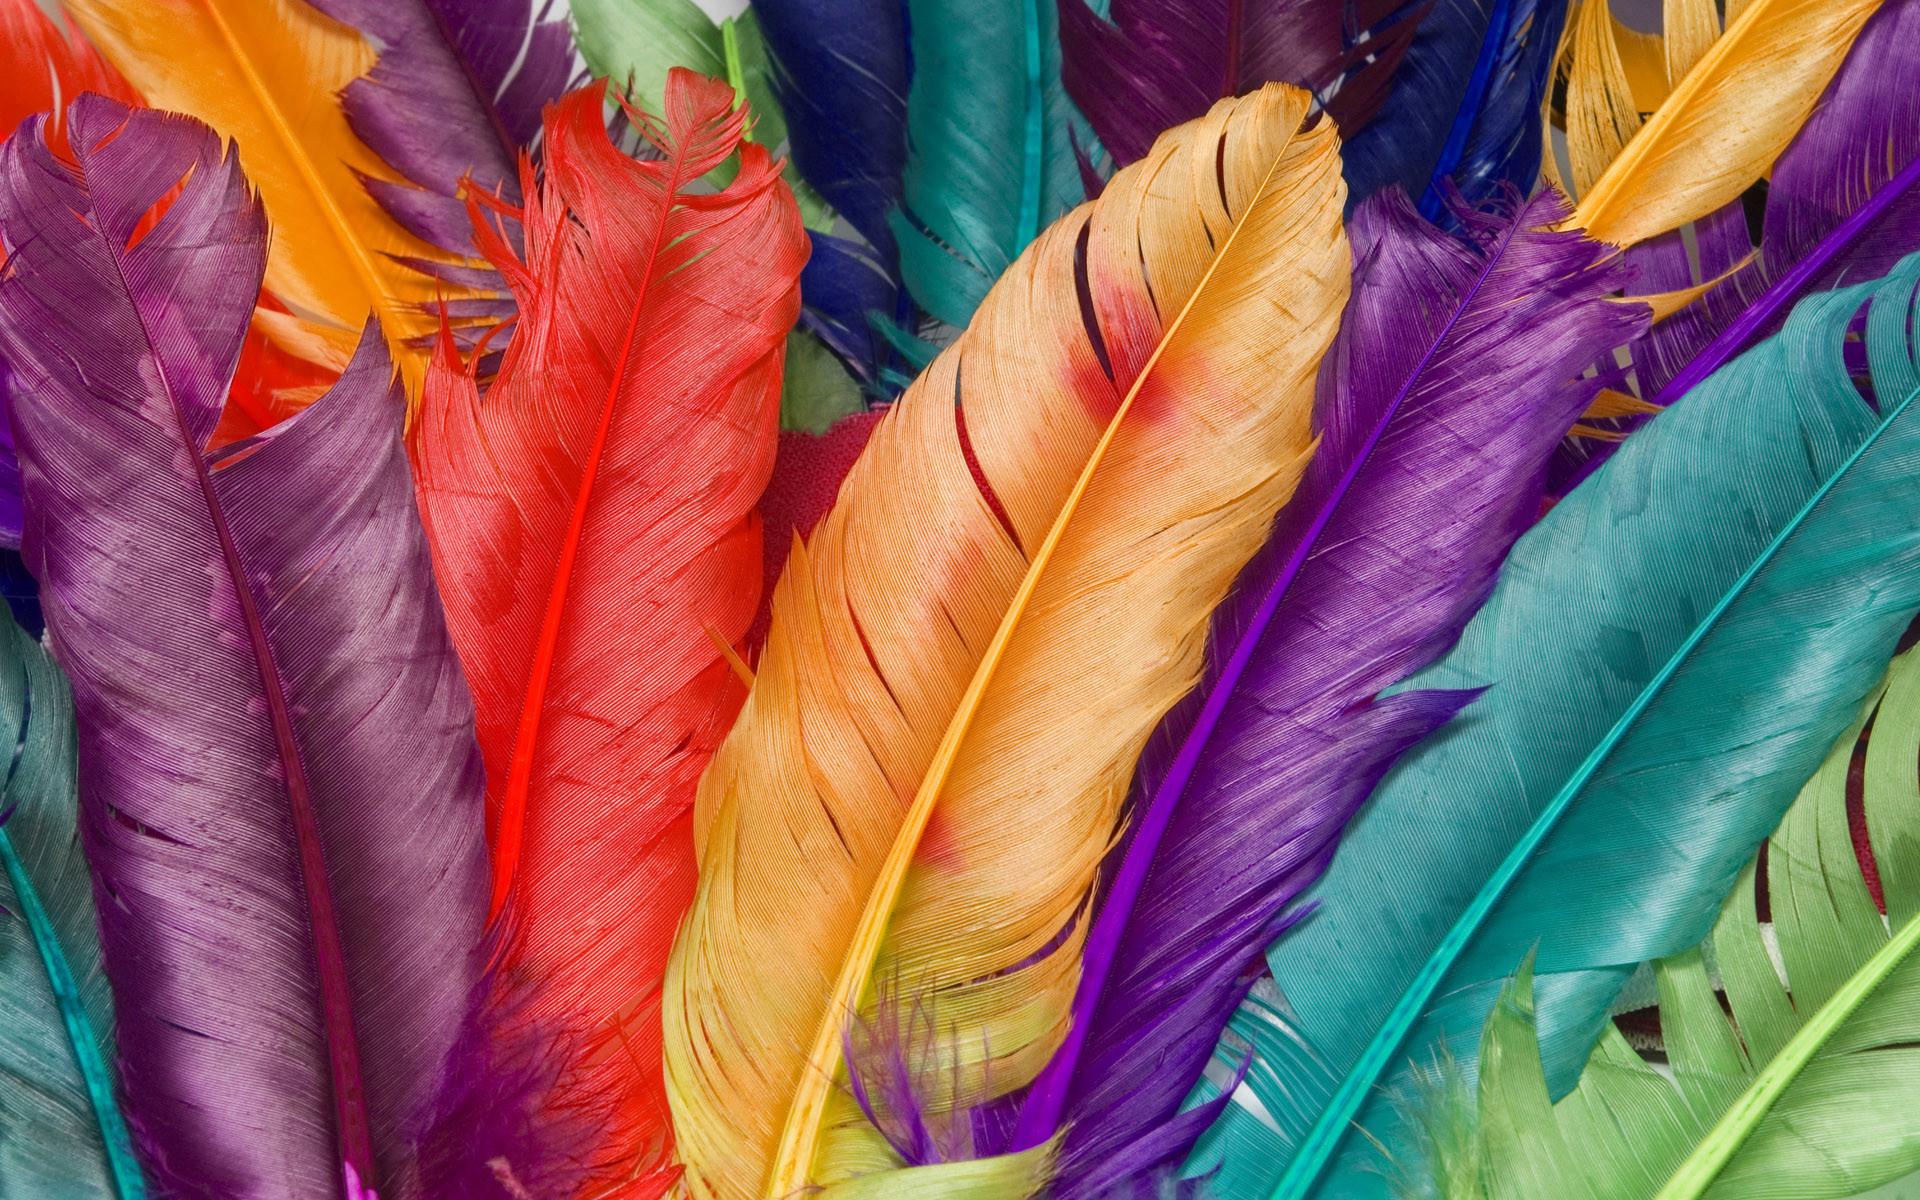 Colorful Desktop 1080p HD Wallpapers